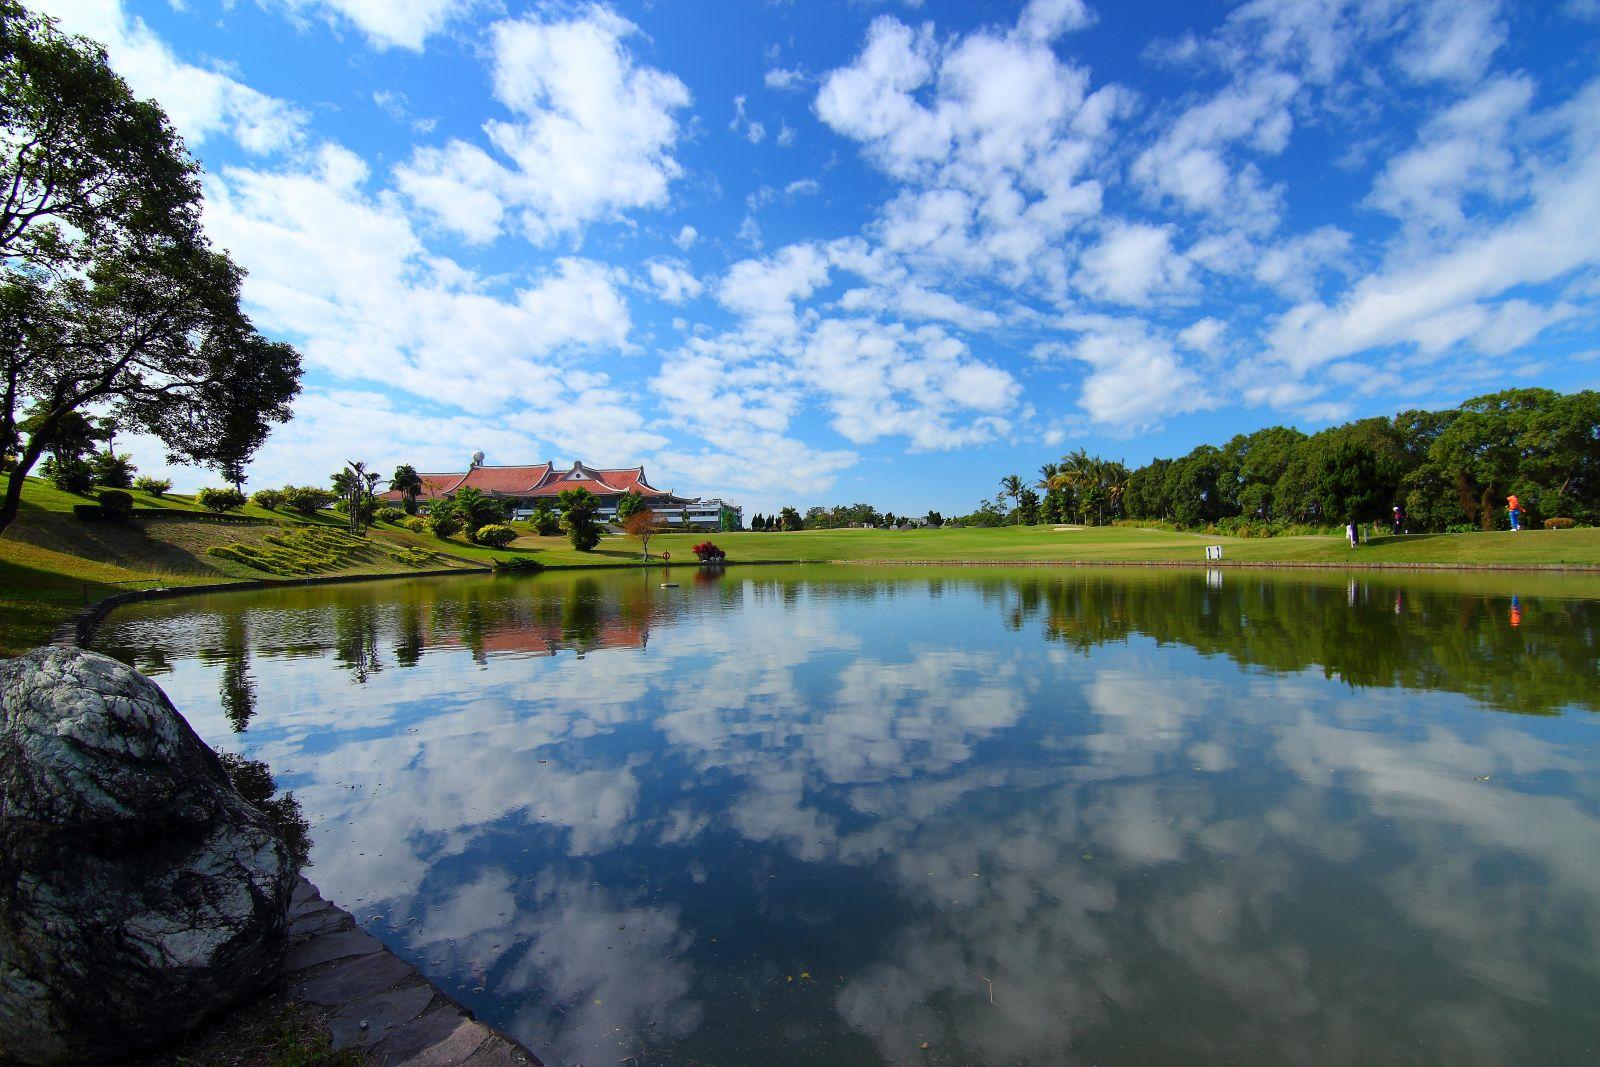 南臺灣的麒麟-信誼高爾夫球場 - 高爾夫球場 - GolfDigest高爾夫文摘